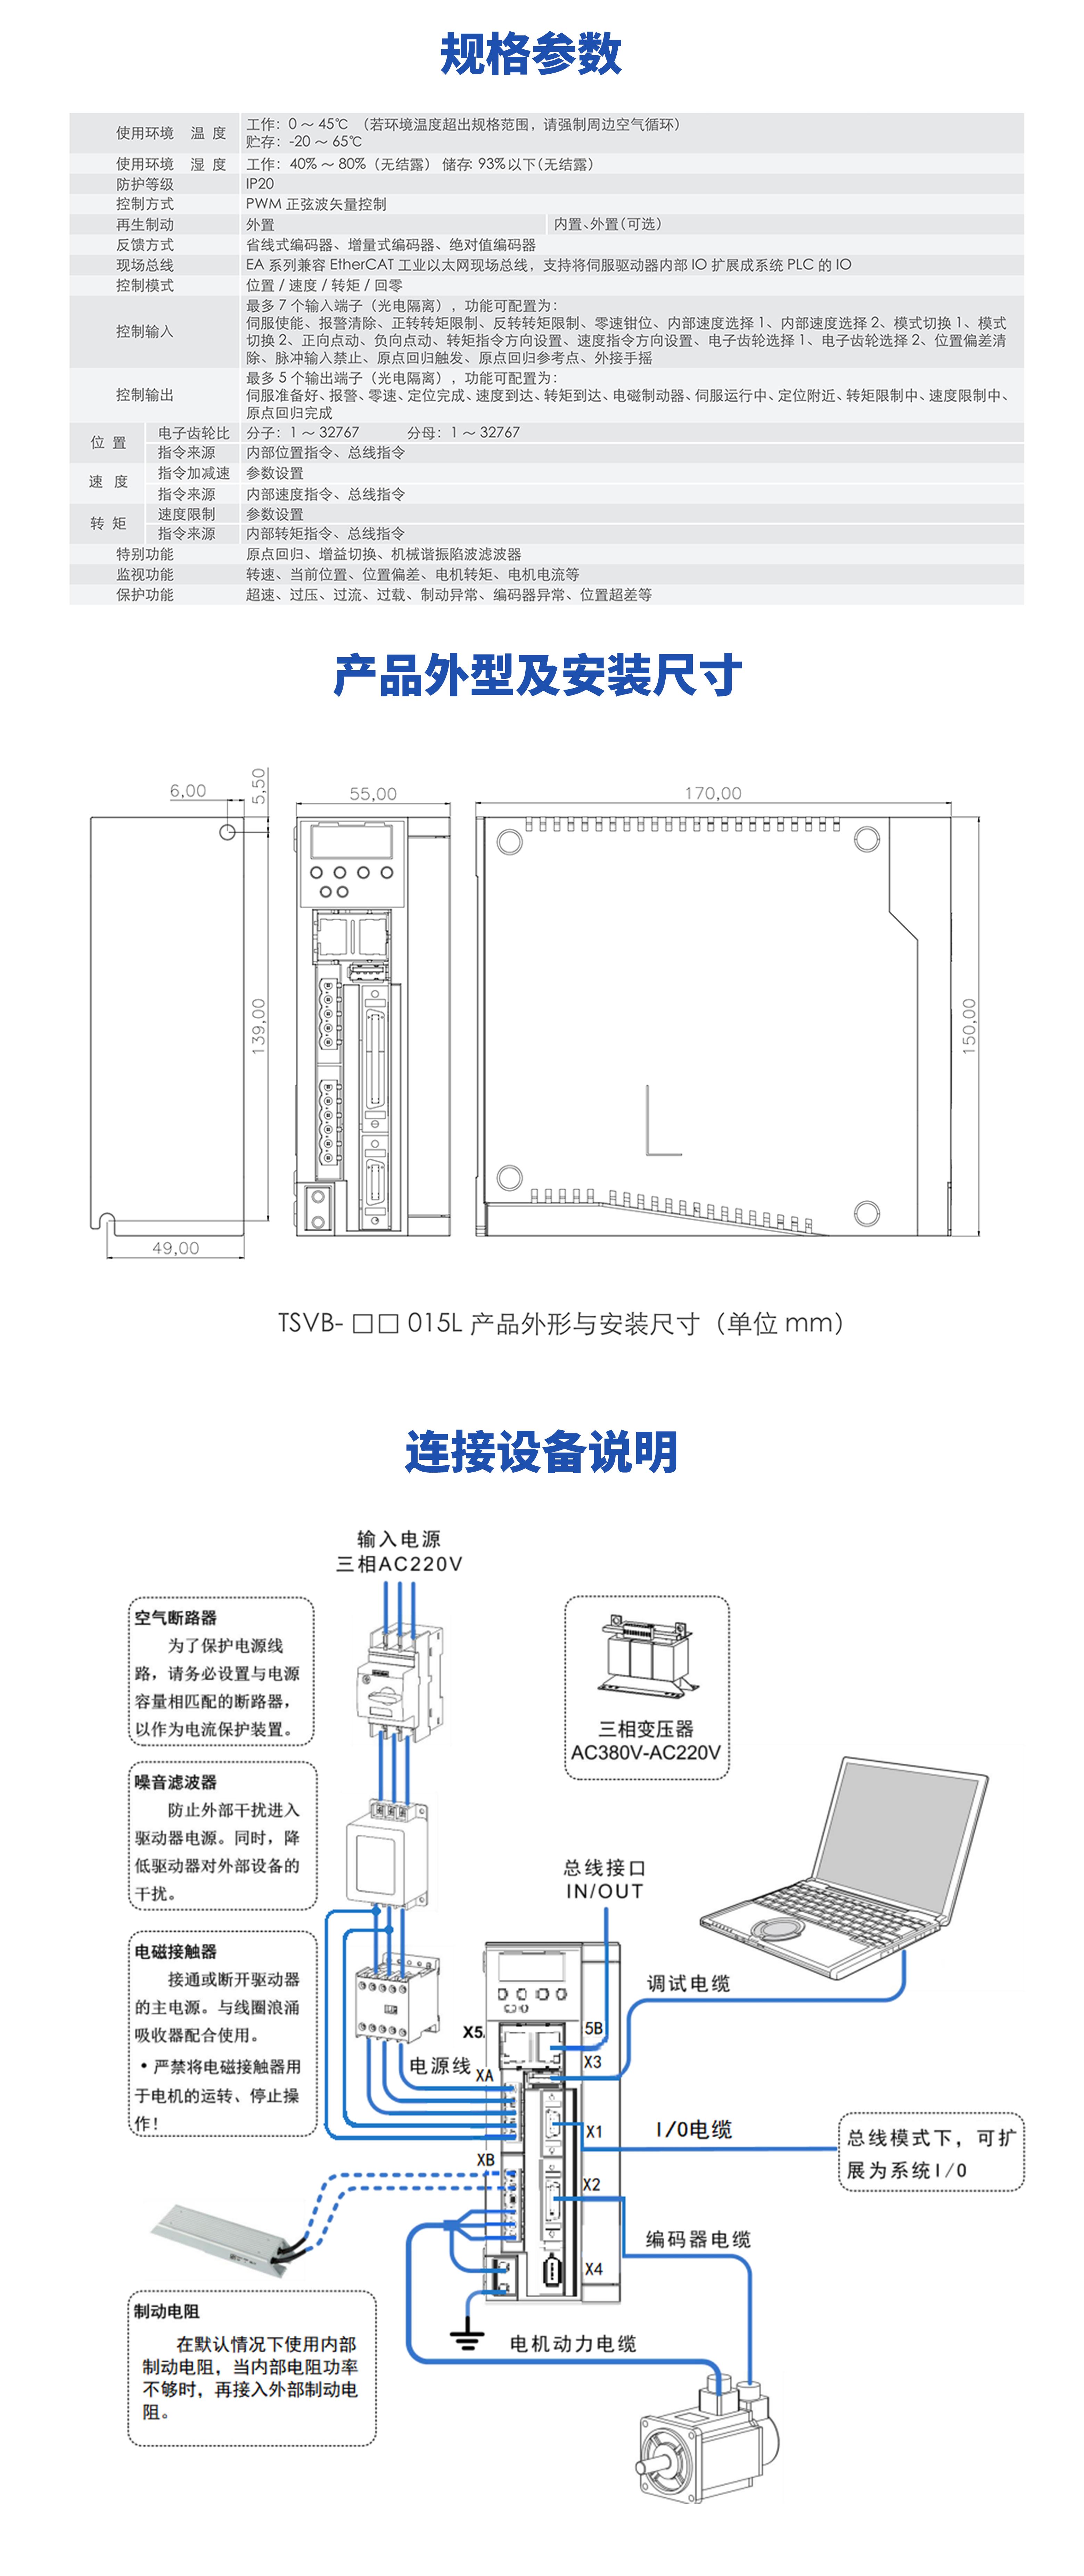 EA模板-015-2.jpg